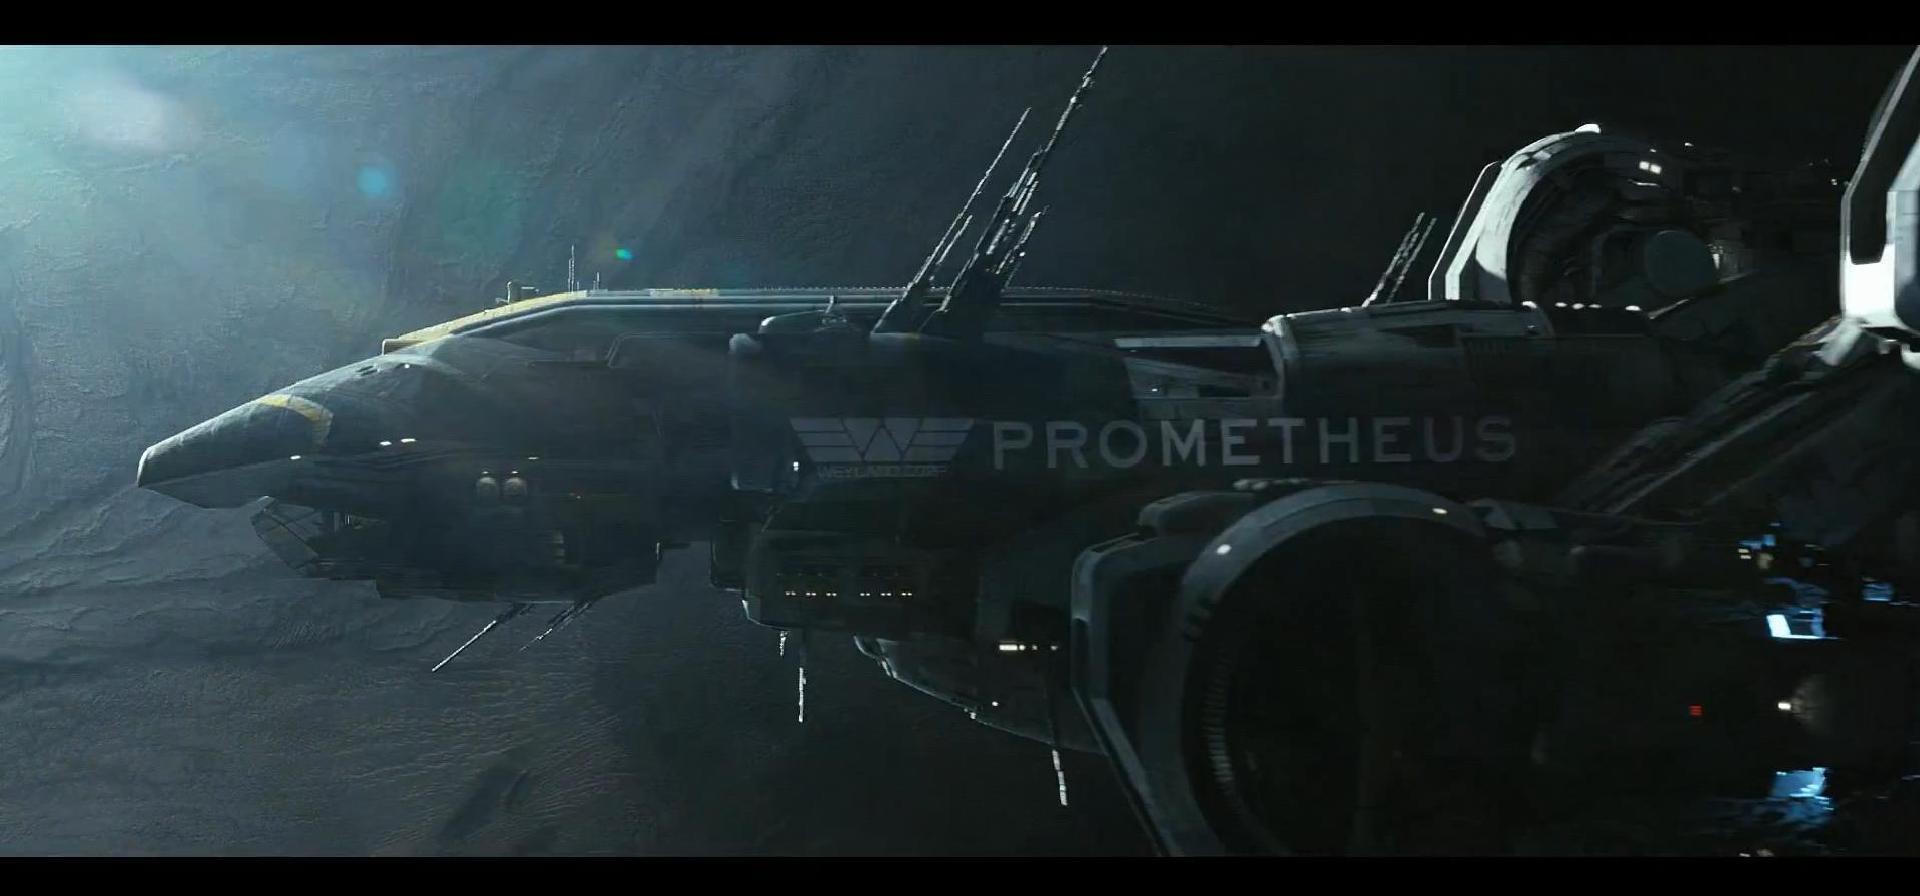 prometheus spacecraft stargate - photo #38